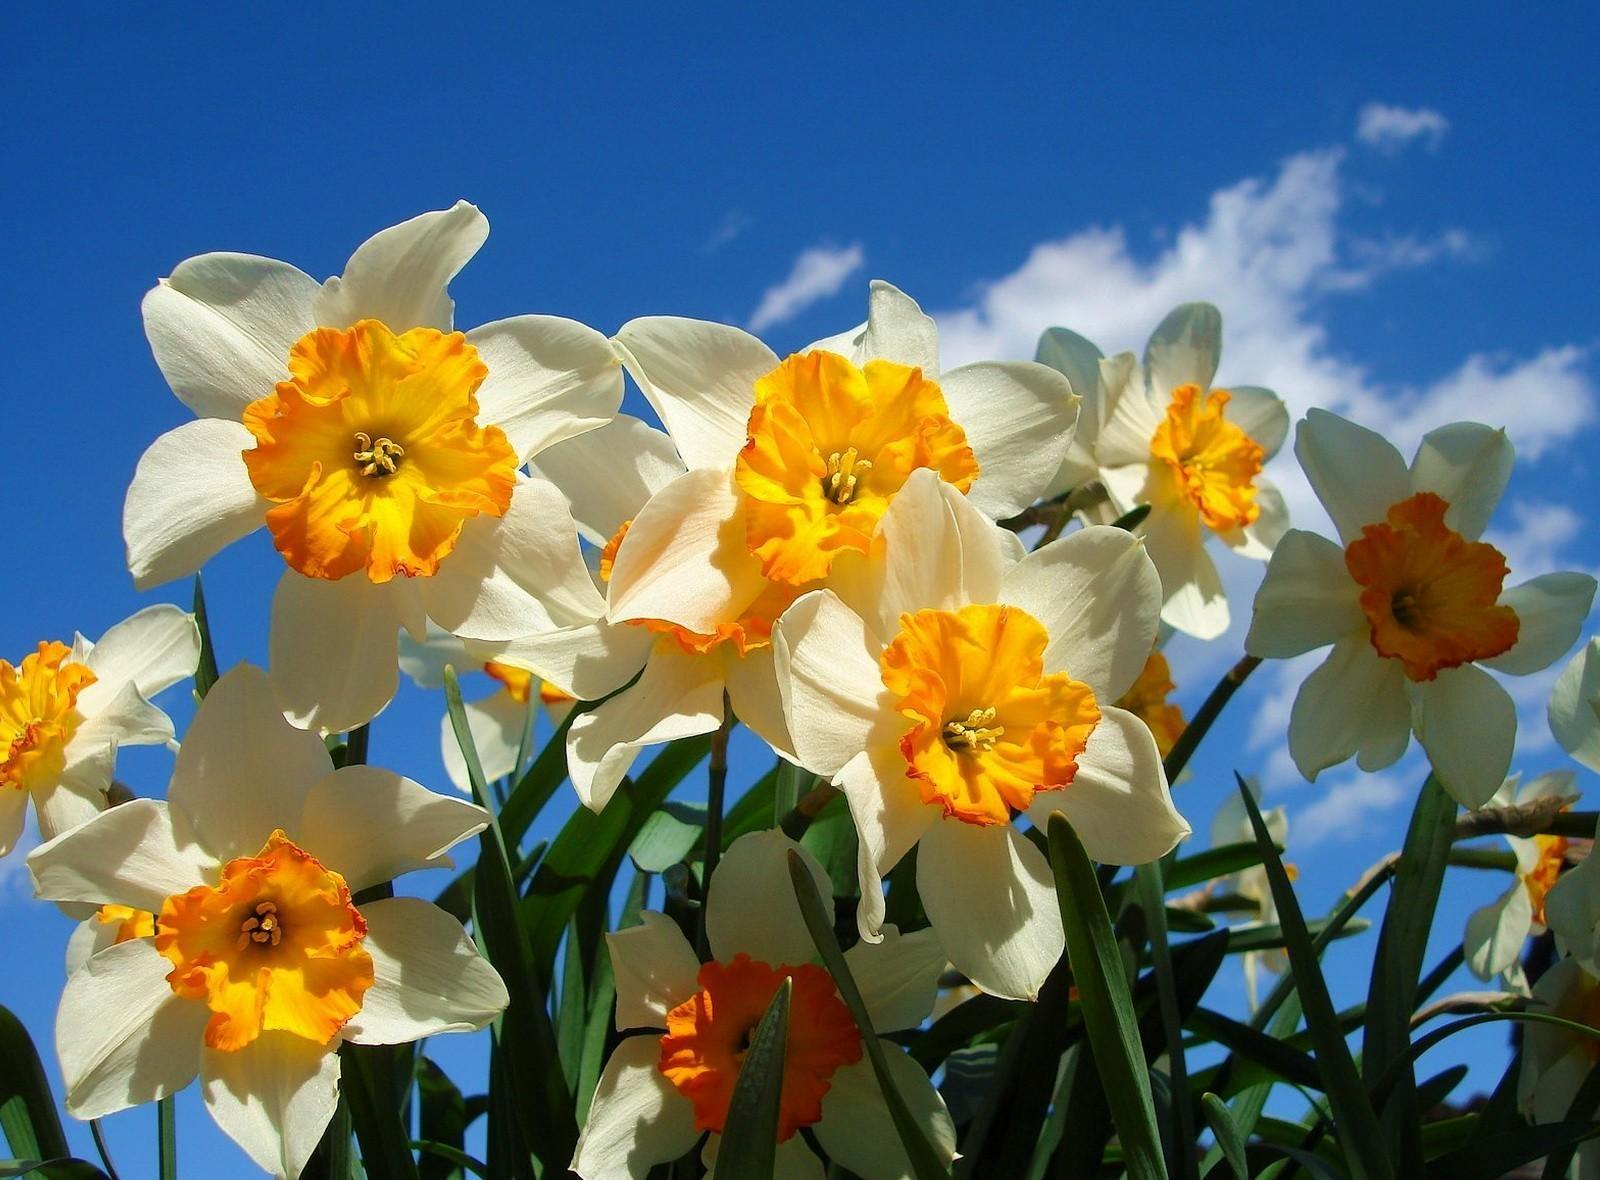 57566 Заставки и Обои Нарциссы на телефон. Скачать Цветы, Небо, Нарциссы, Клумба, Весна, Солнечно картинки бесплатно